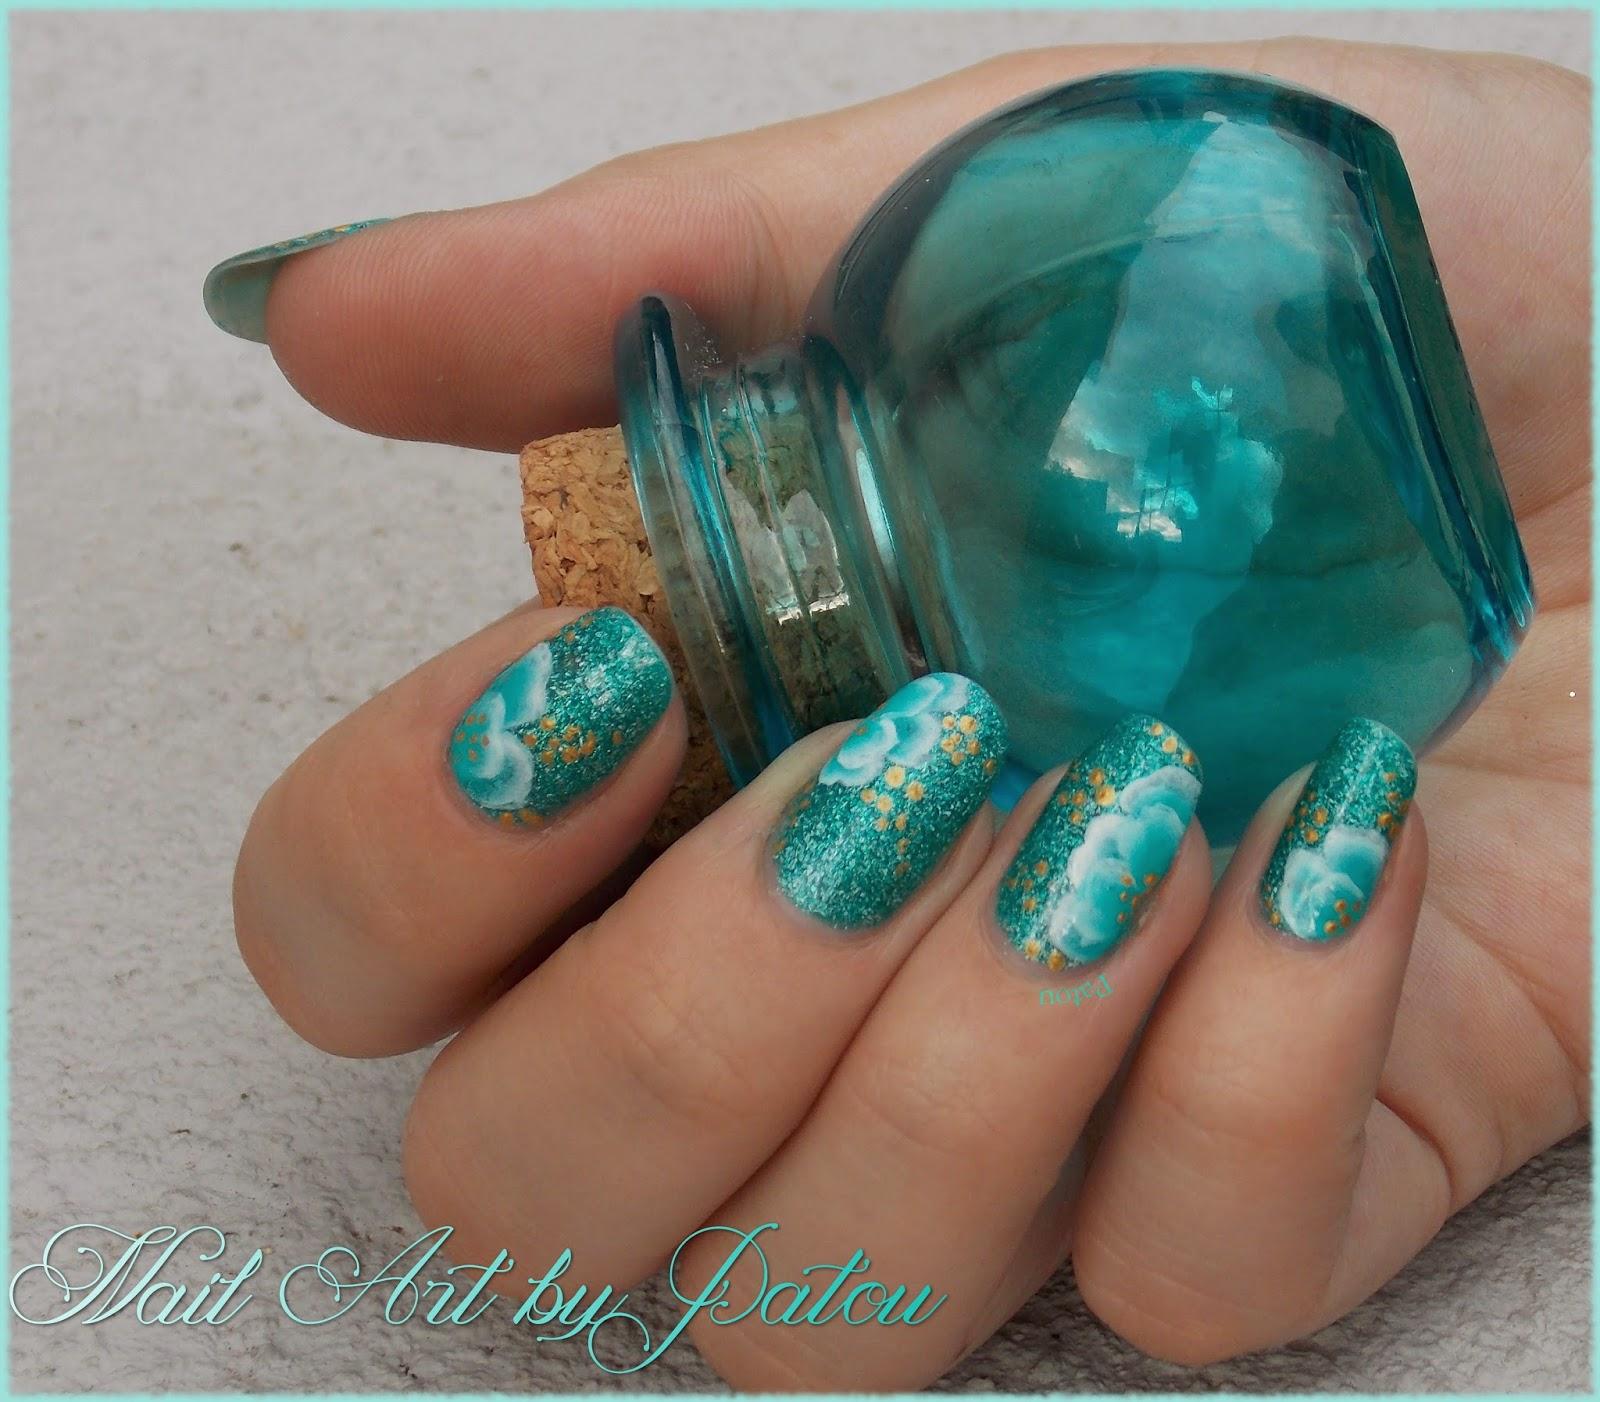 http://nailartbypatou.eklablog.fr/one-stroke-turquoise-inspiration-nail-art-sakura-a112679094